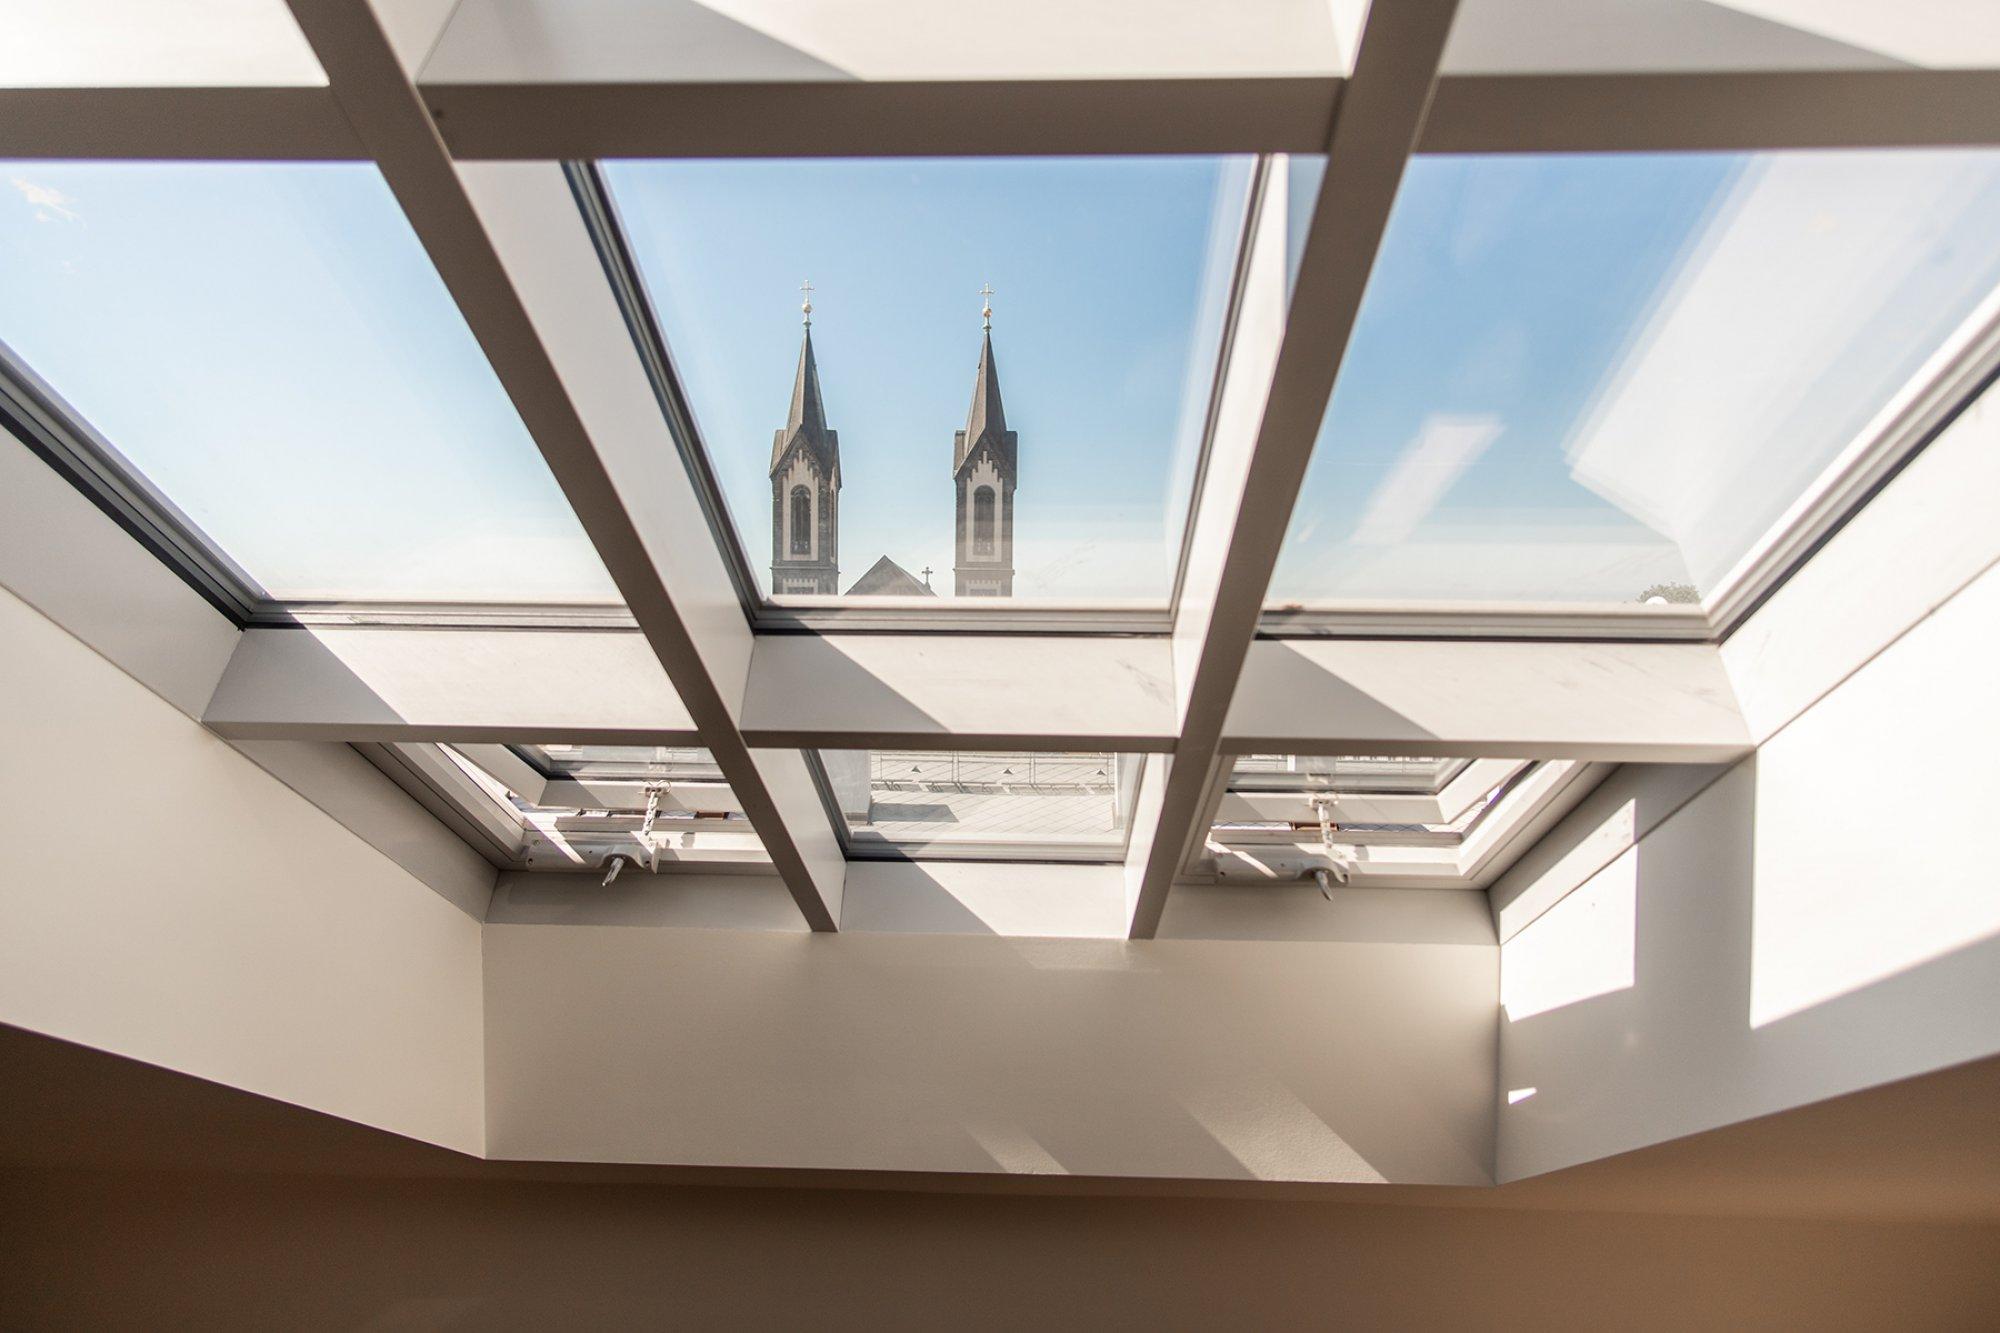 Půdní byt 4+kk, plocha 139 m², ulice Pernerova, Praha 8 - Karlín | 2